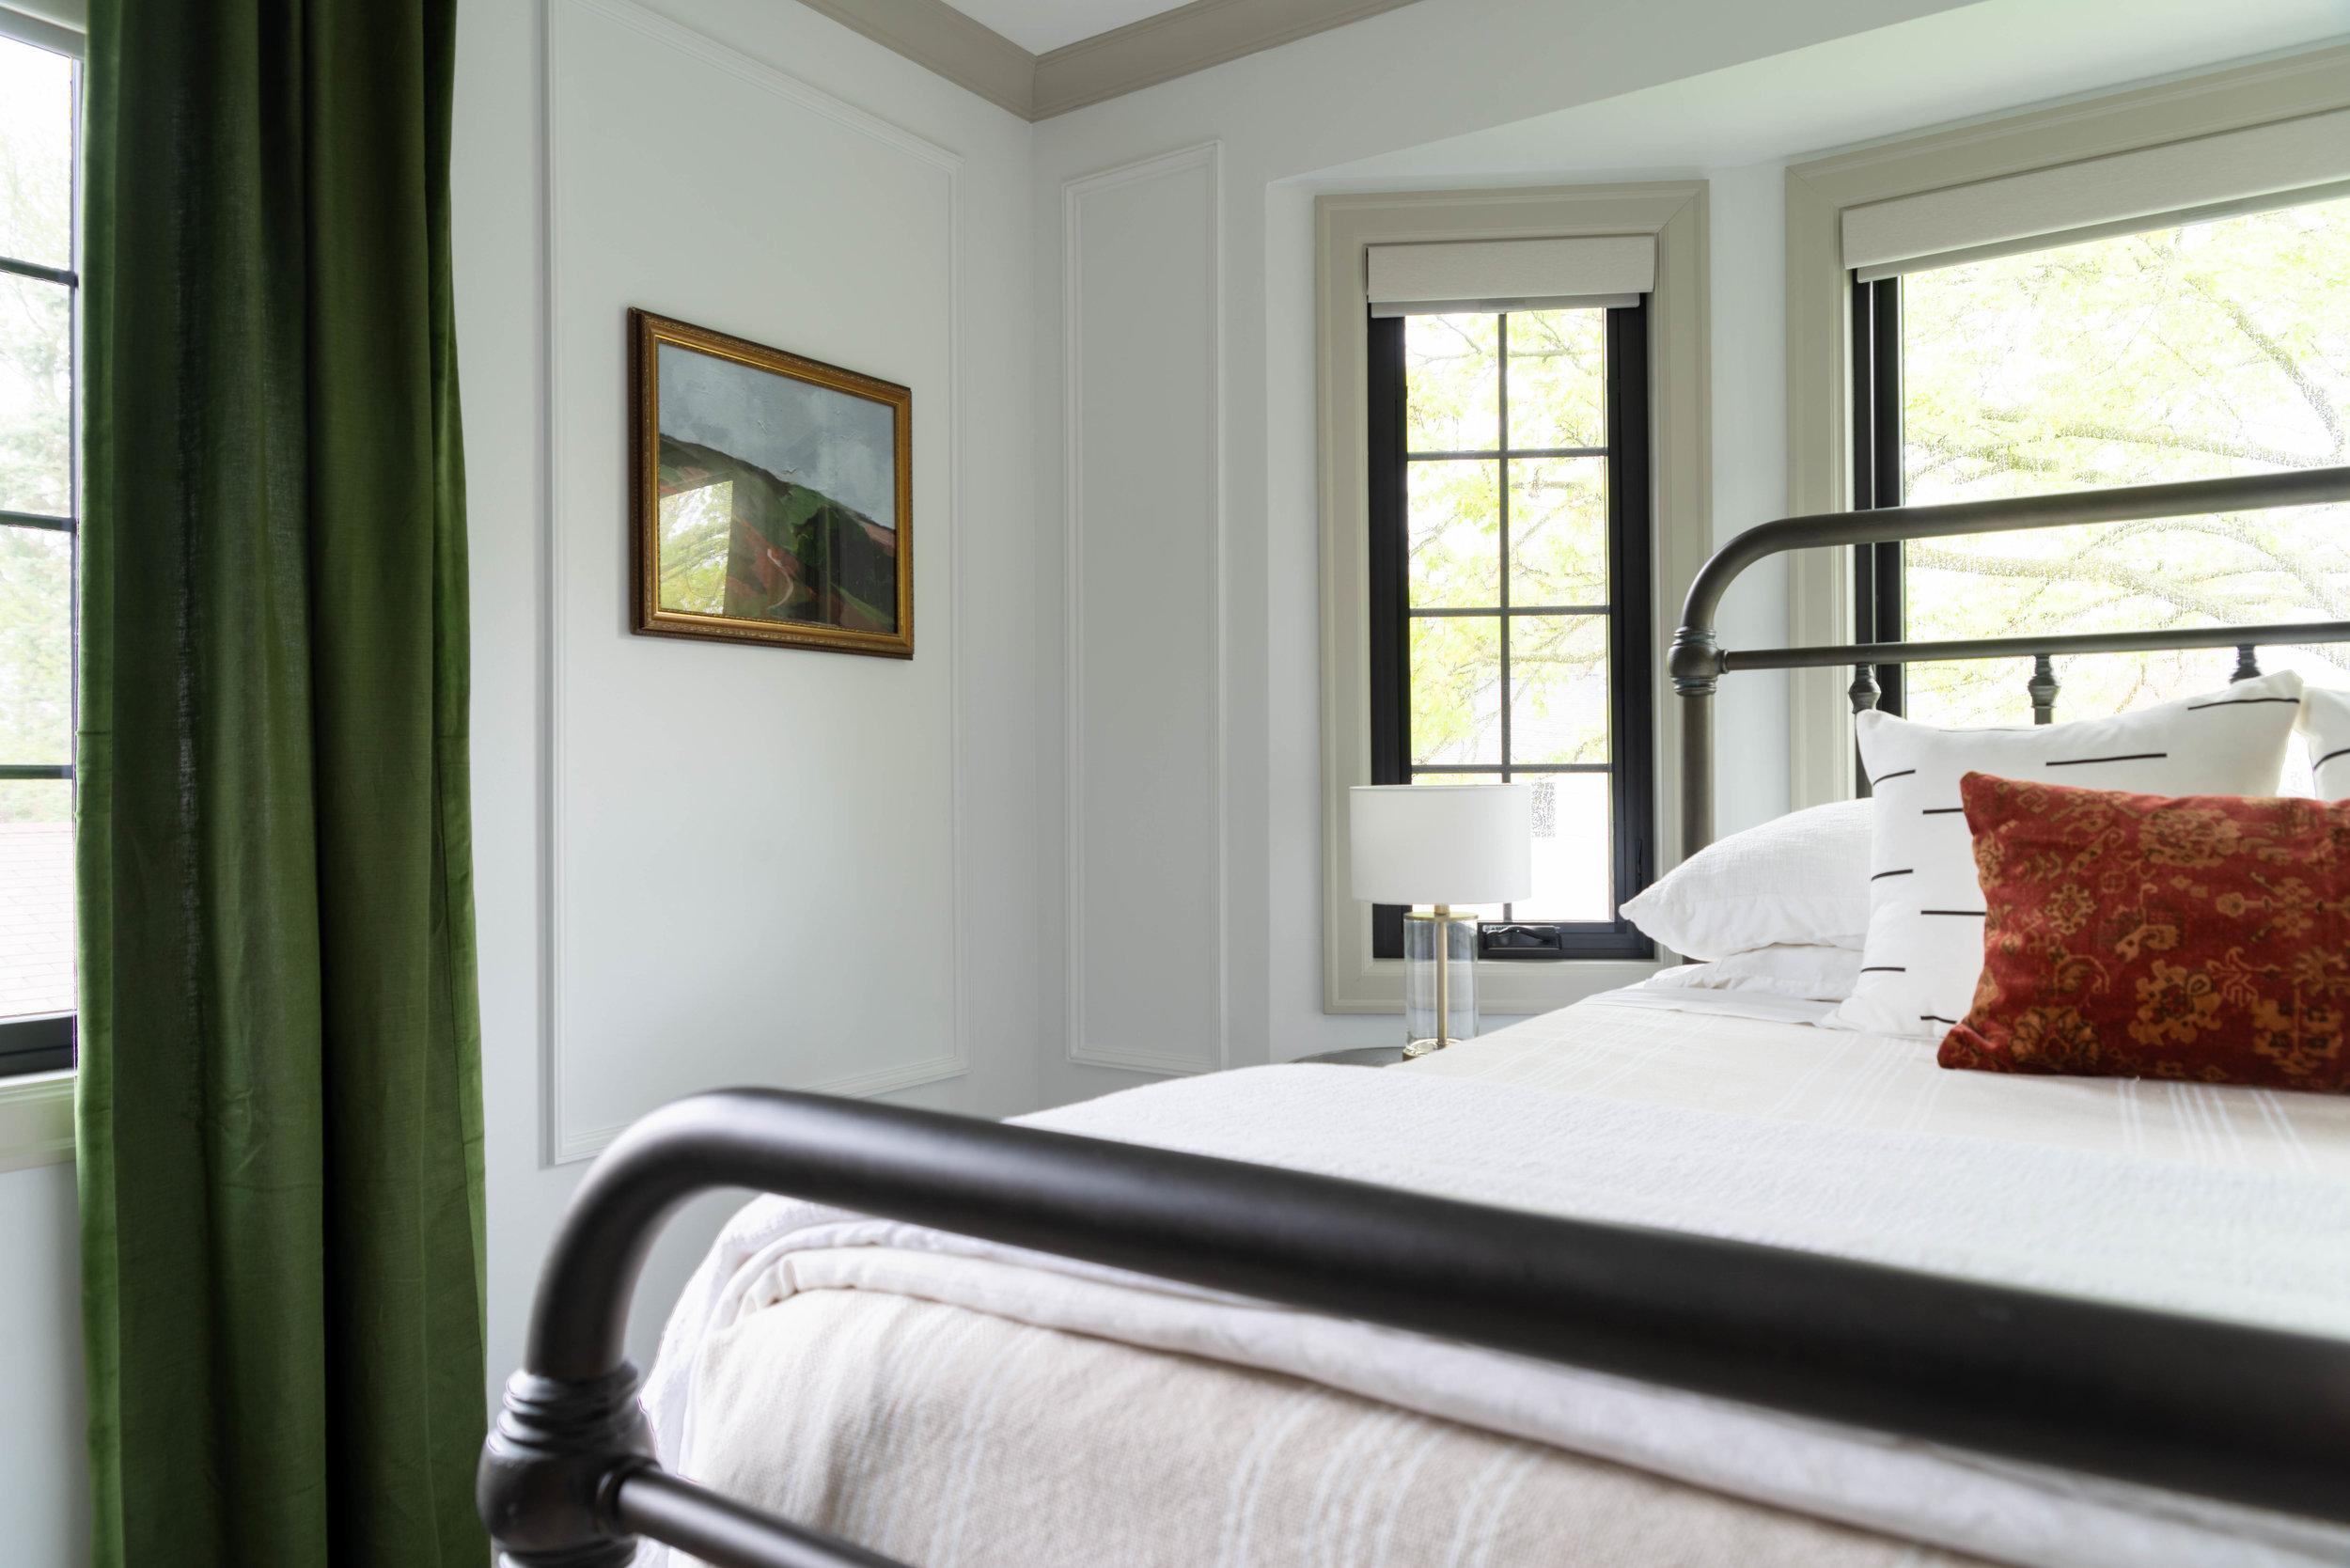 Mater-Bedroom-Styling-Decor-17.jpg